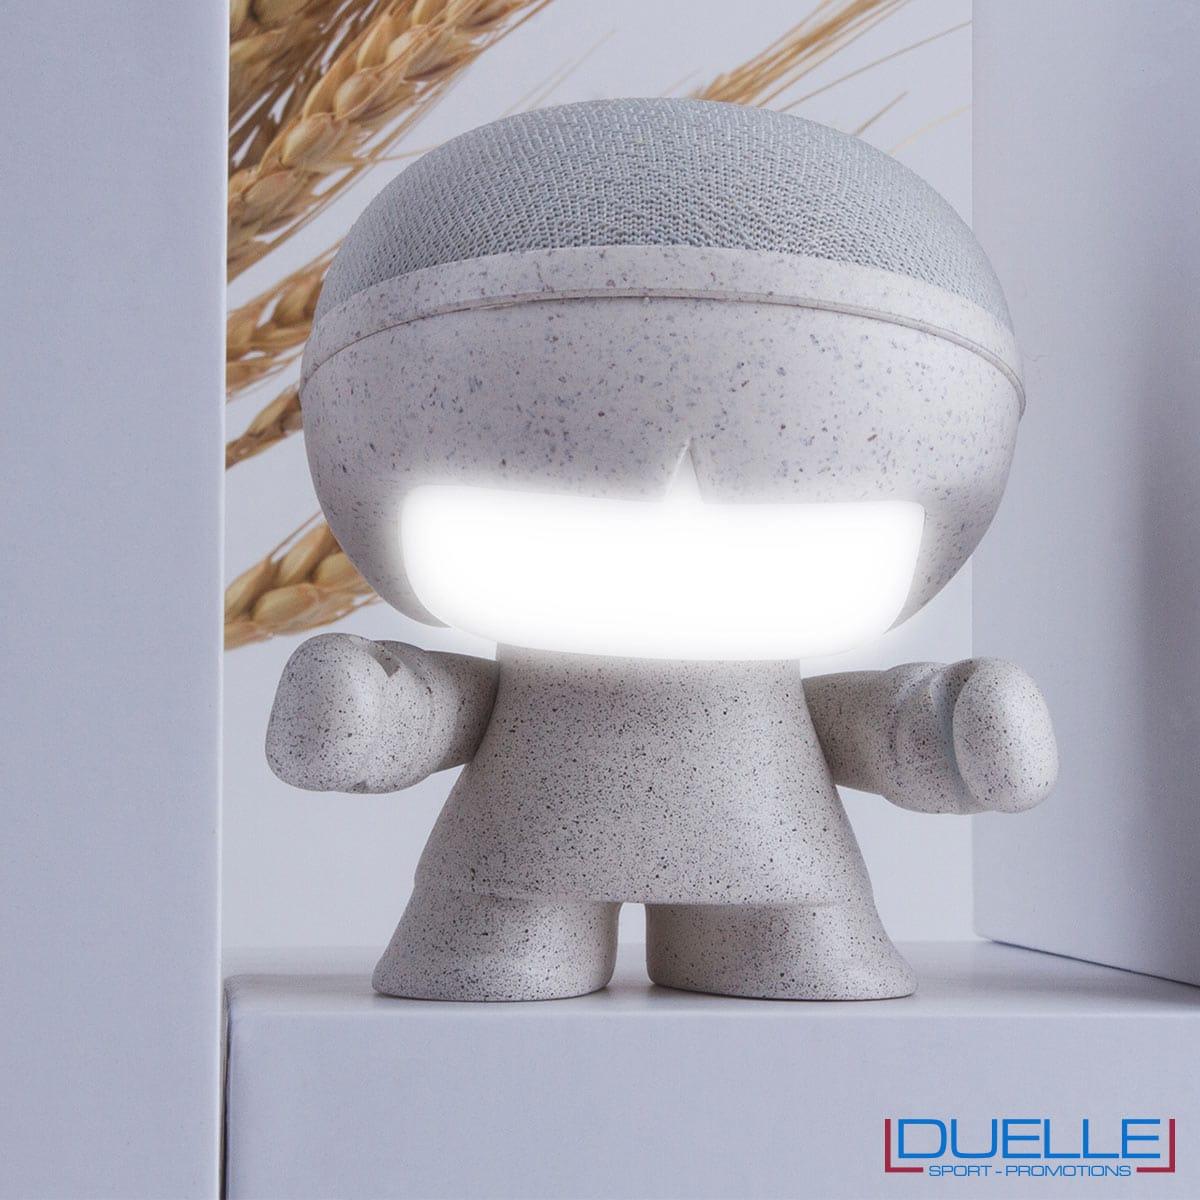 Altoparlante bluetooth ecologico in fibra di grano personalizzato con luce led